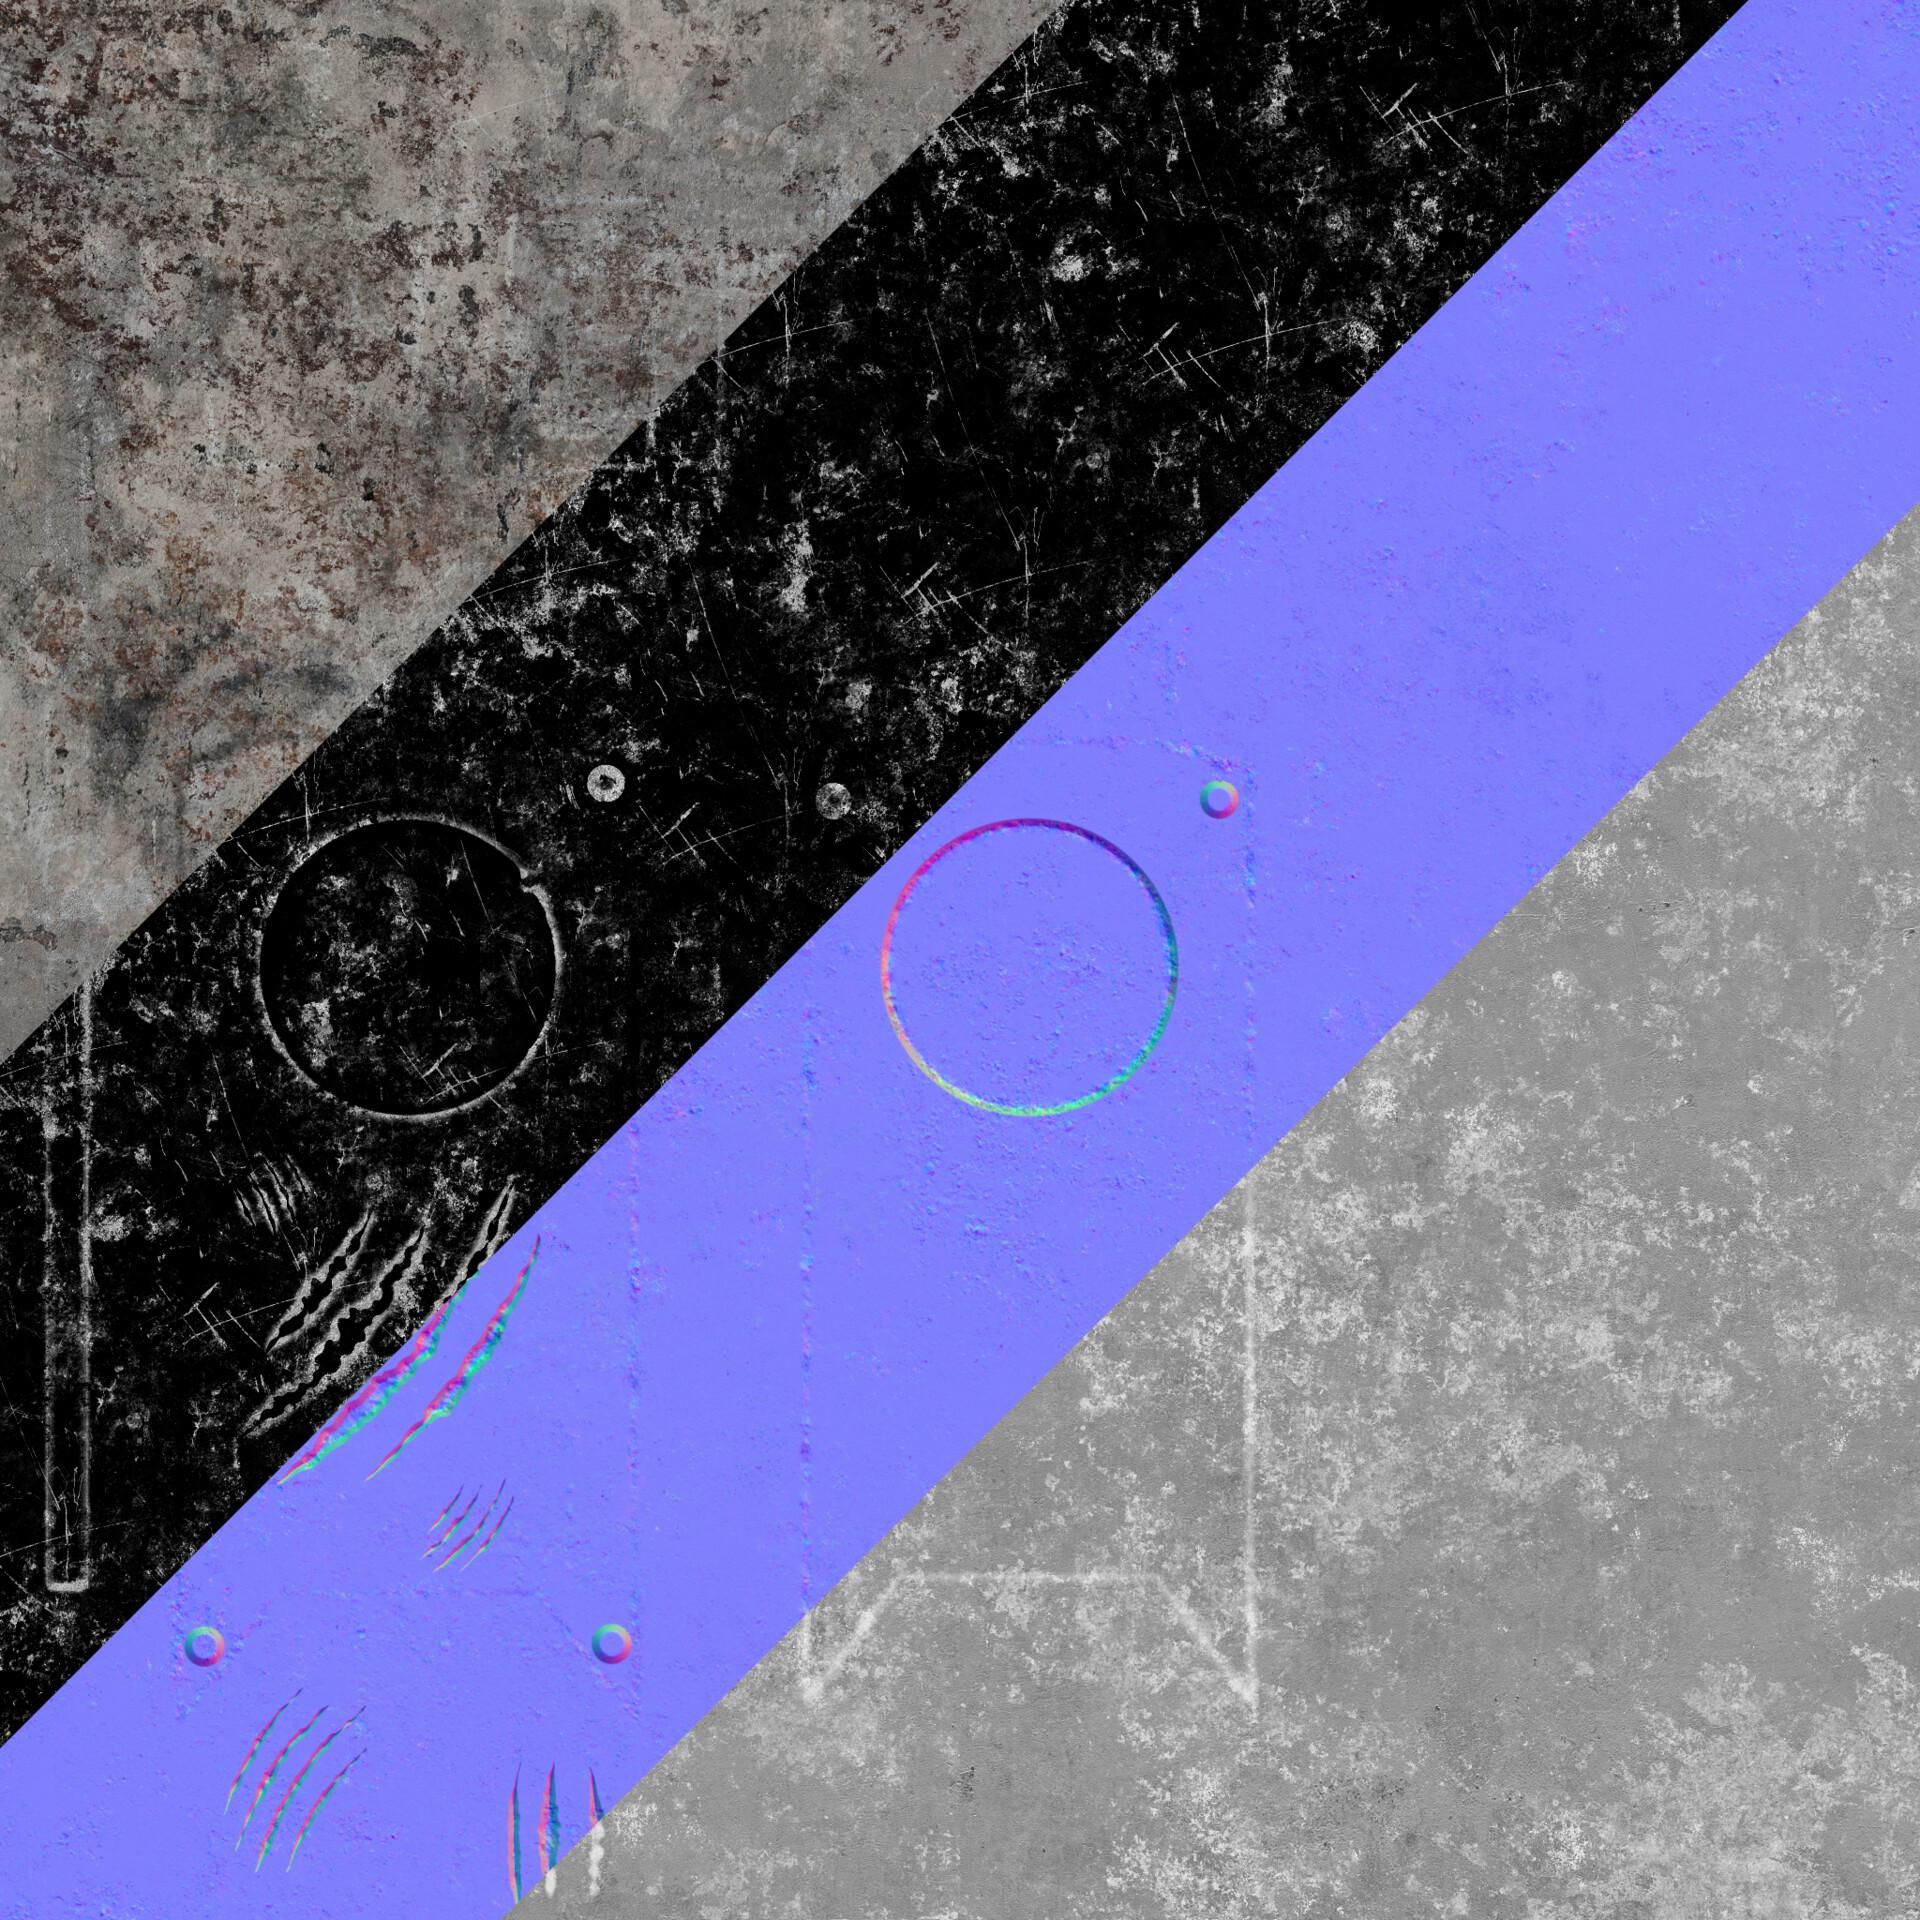 ArtStation - Post-Apocalyptic Door, Emil Hallin